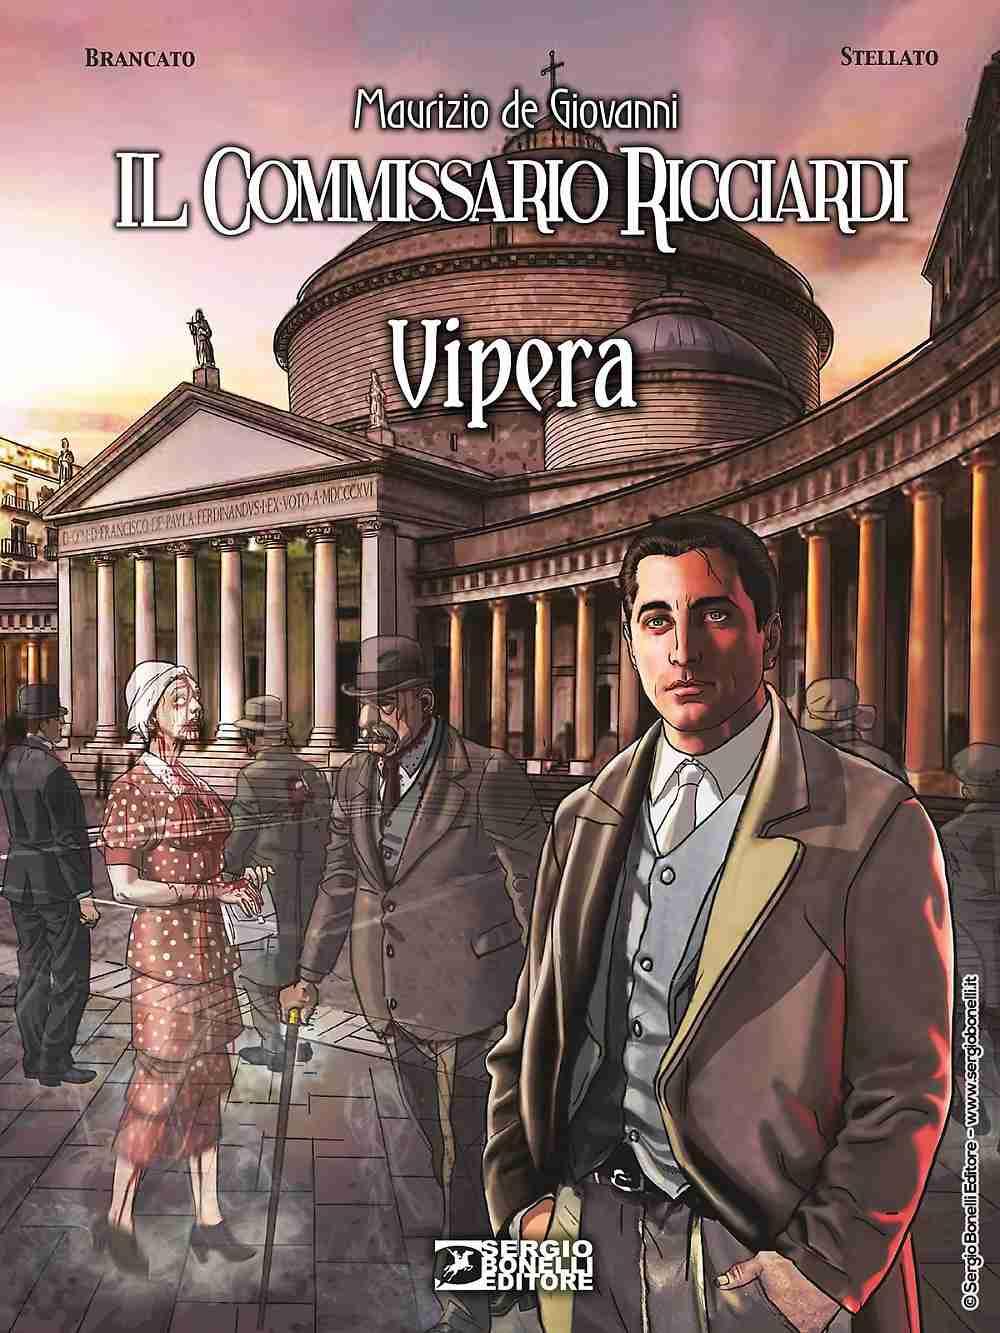 IL COMMISSARIO RICCIARDI Vipera di Maurizio de Giovanni, SERGIO BONELLI EDITORE